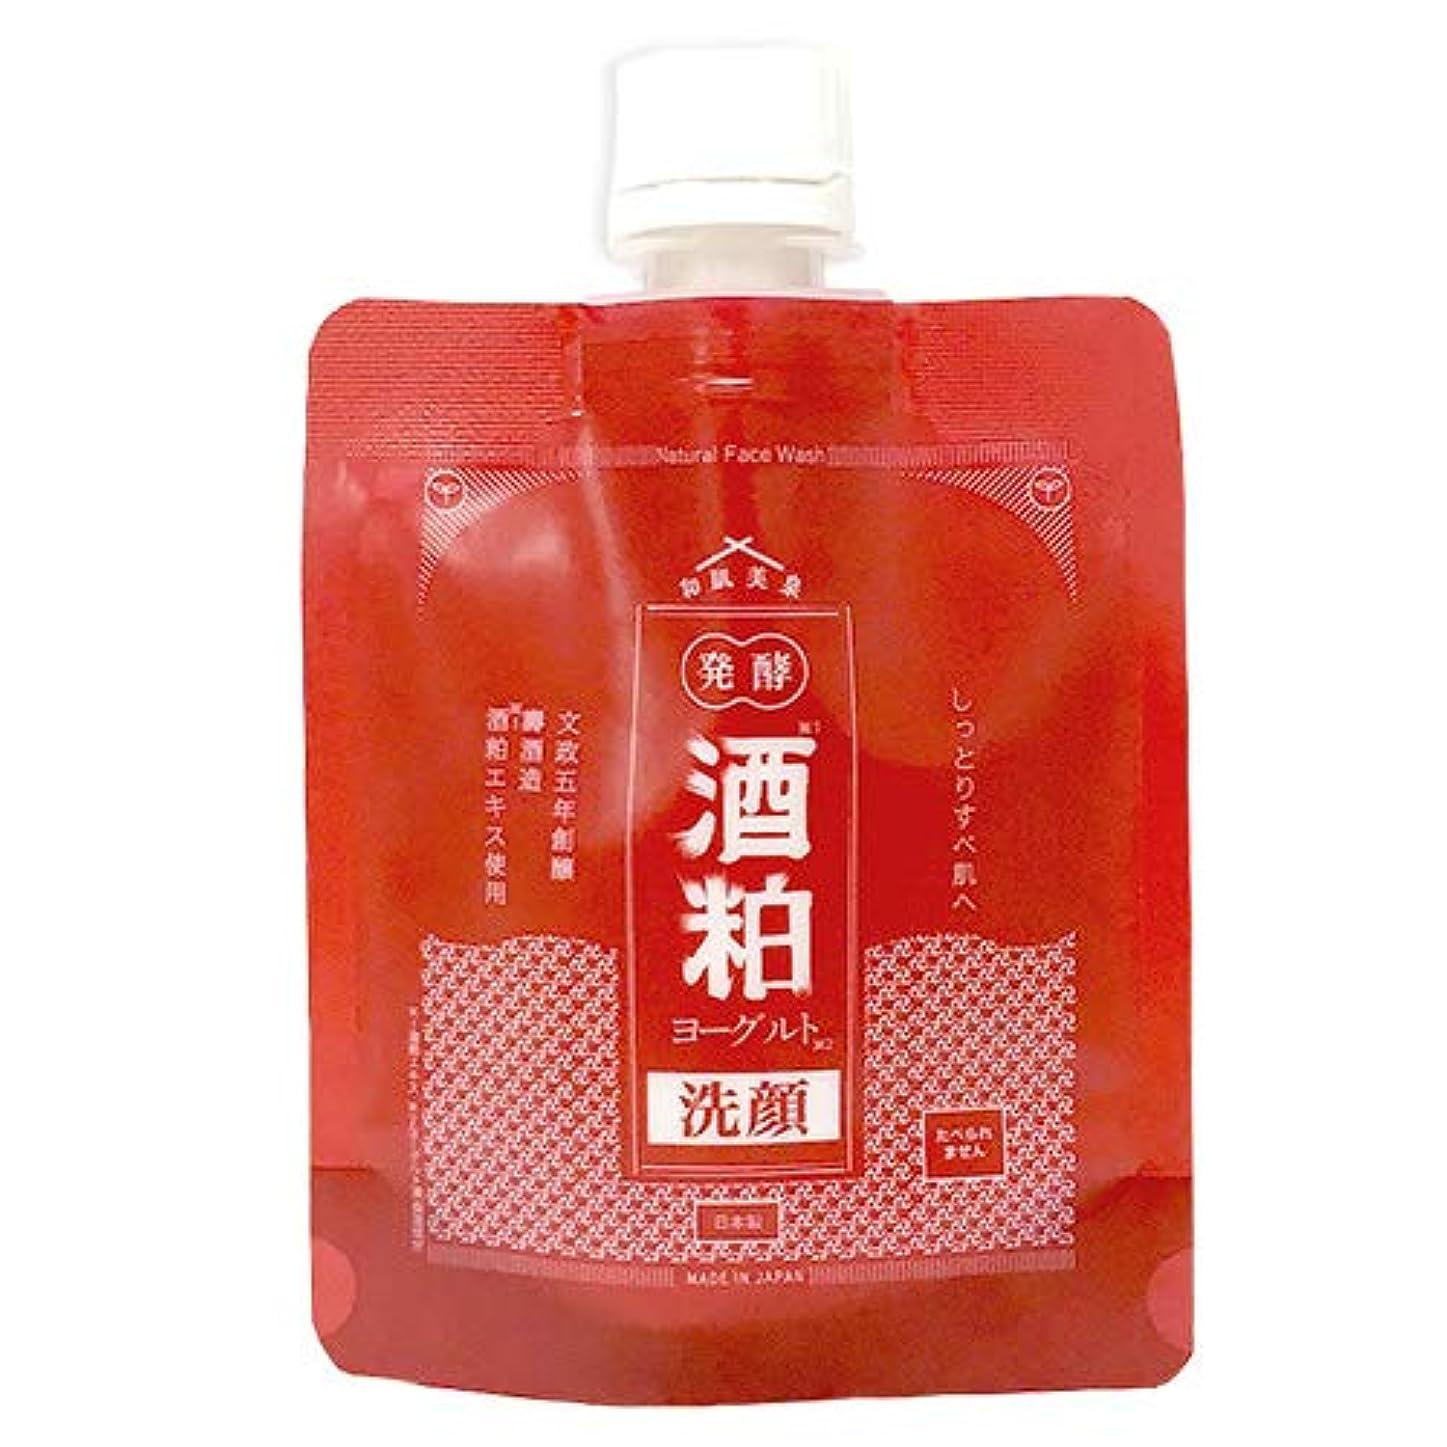 できる幻滅するアベニュー和肌美泉 発酵•酒粕ヨーグルト洗顔 100g